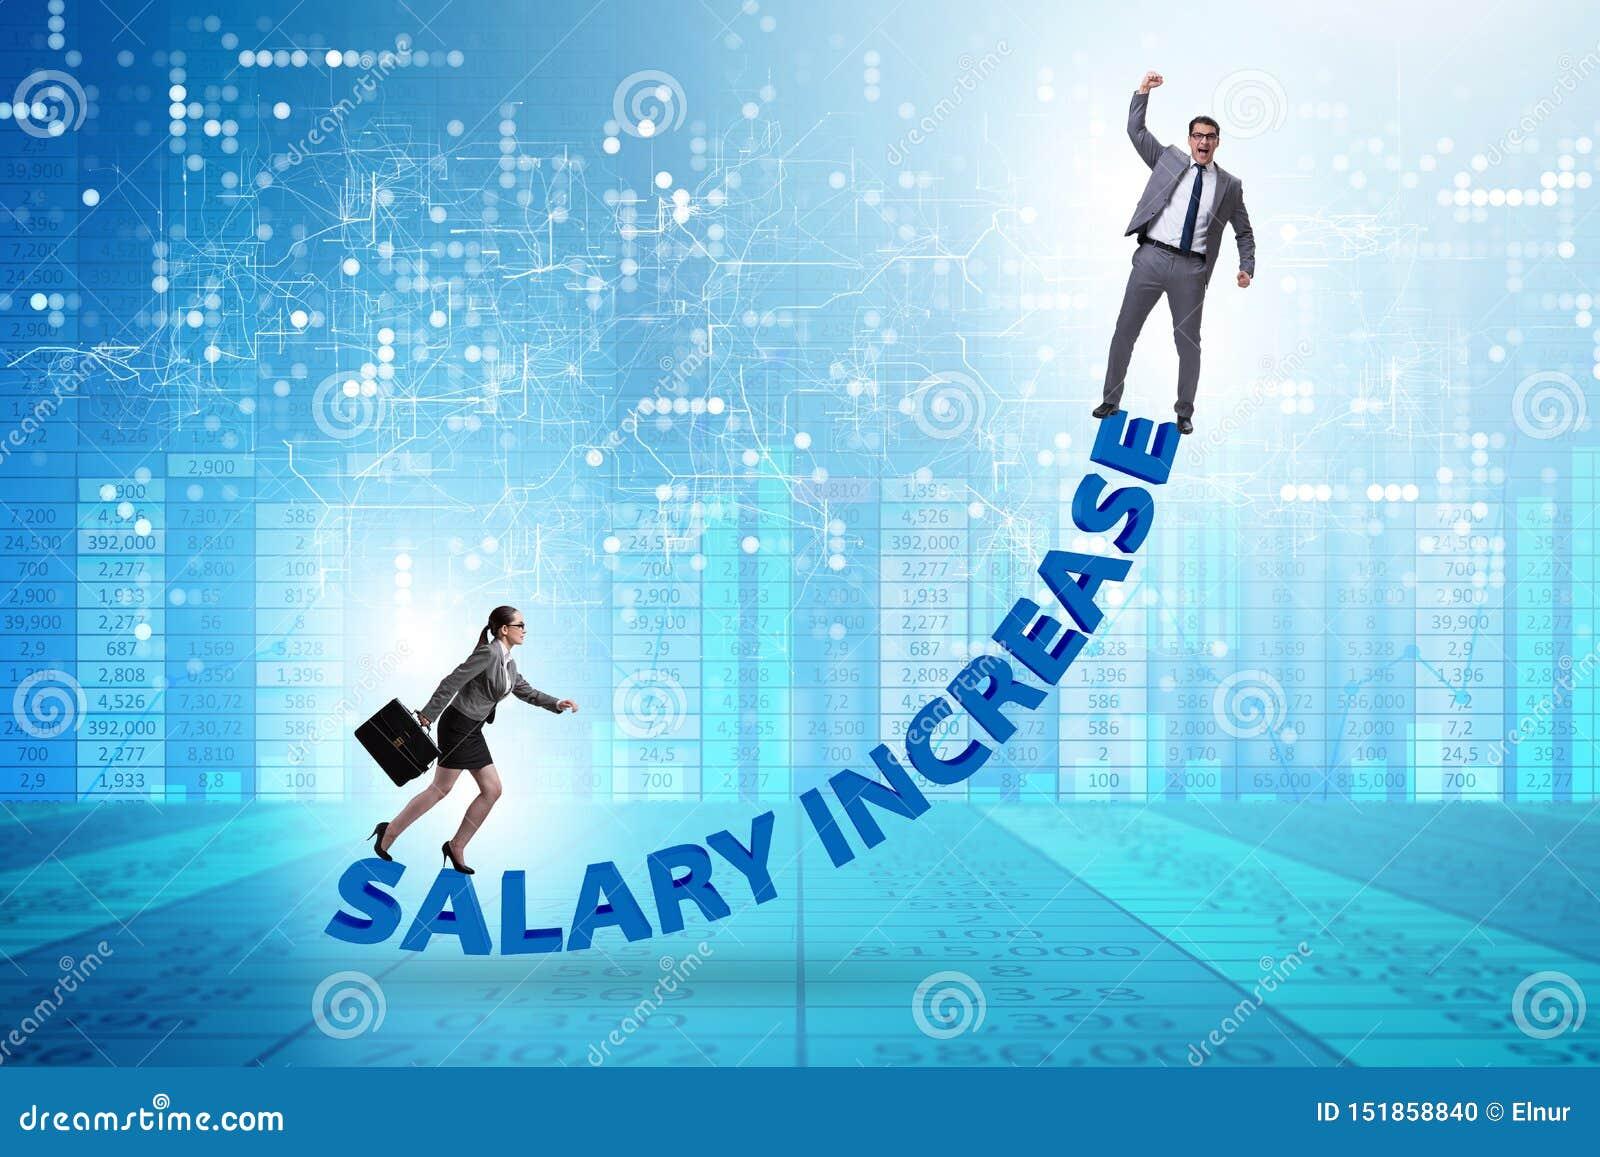 Inequal wynagrodzenia pojęcie między mężczyzną i kobietą